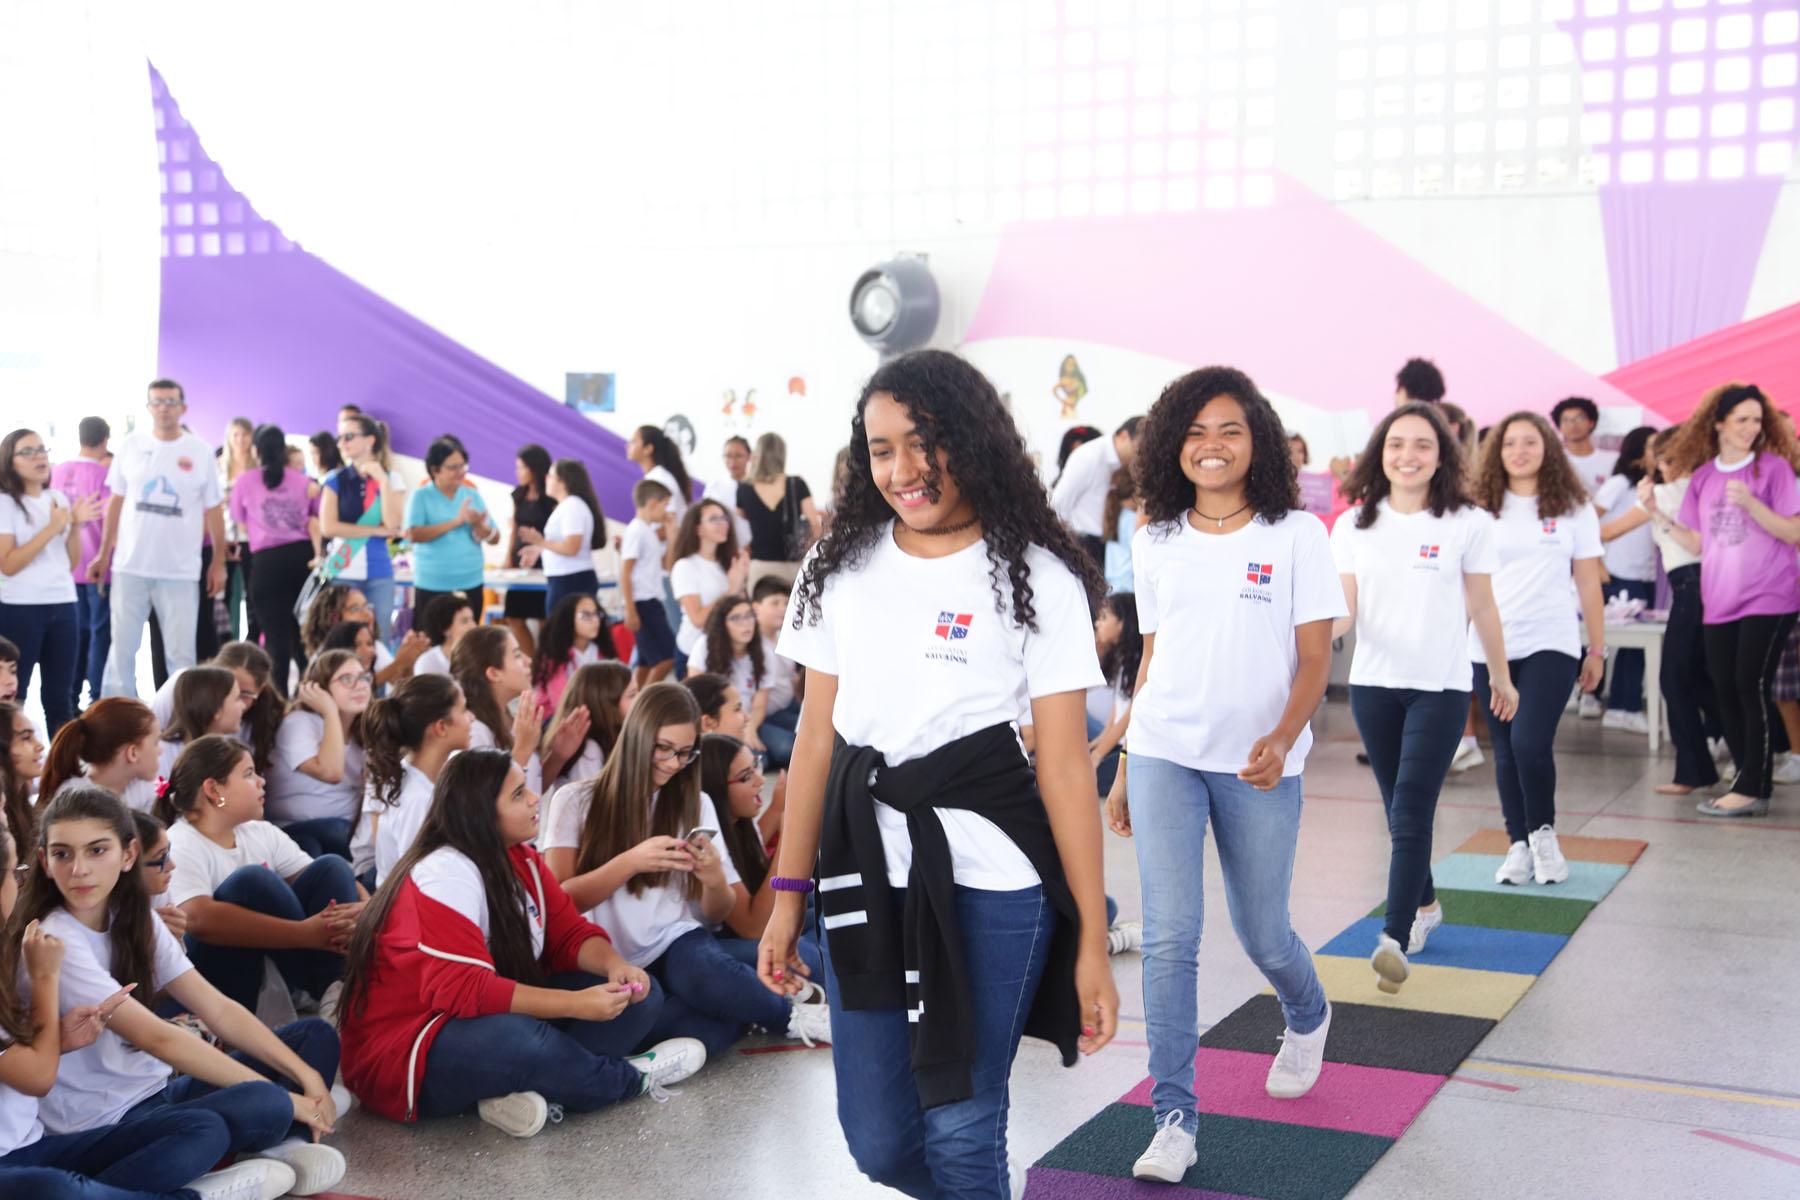 Corrente do Amor: colégio realiza evento para que as crianças amem seus cabelos cacheados